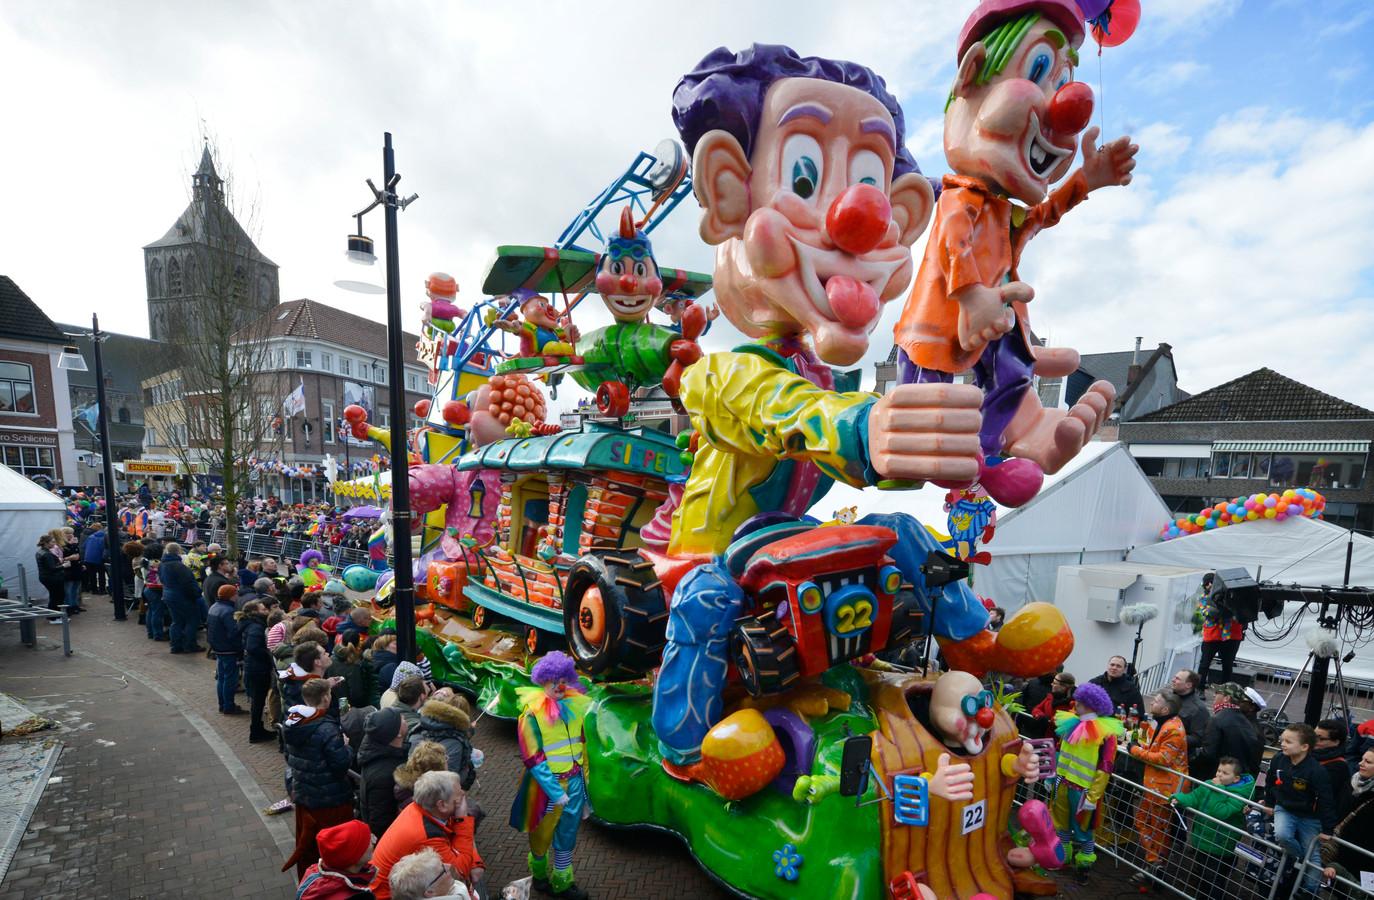 Grote Twentse Carnavalsoptocht in Oldenzaal op zondag 23 februari.